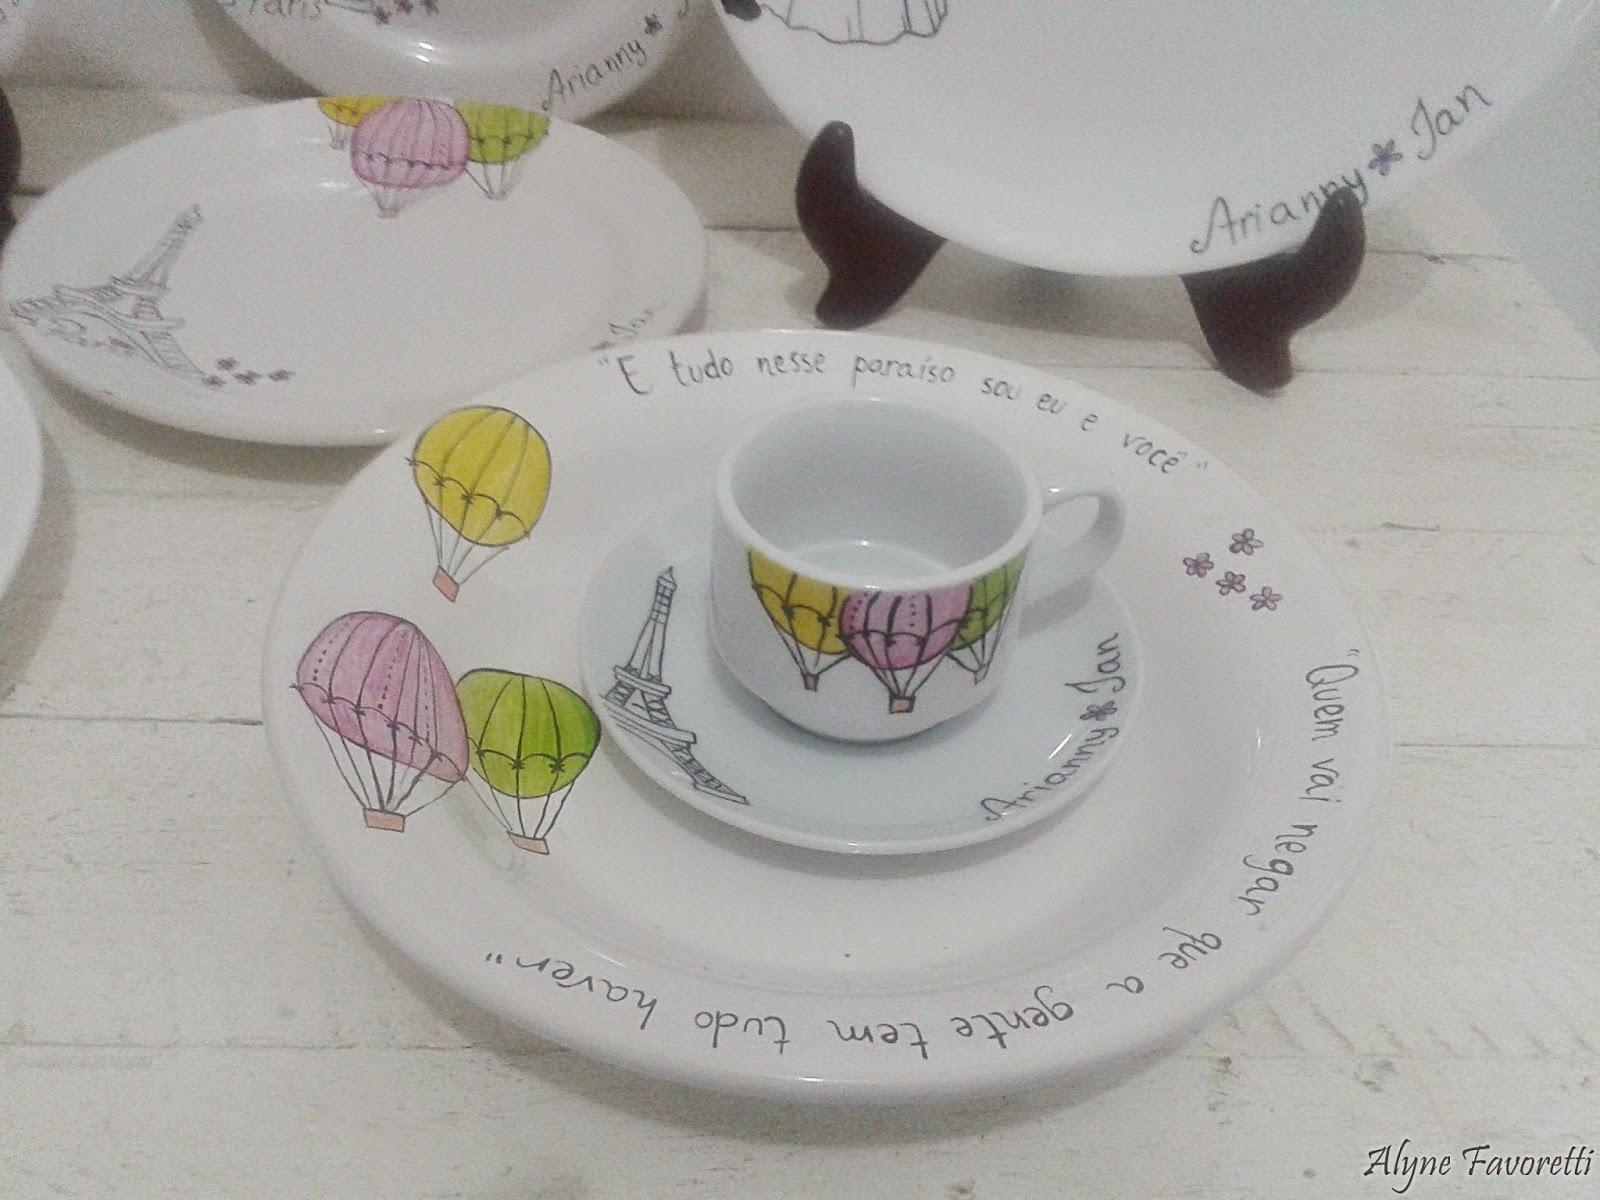 Alyne Favoretti: Aparelho de jantar Amor em Paris com caricatura #91863A 1600x1200